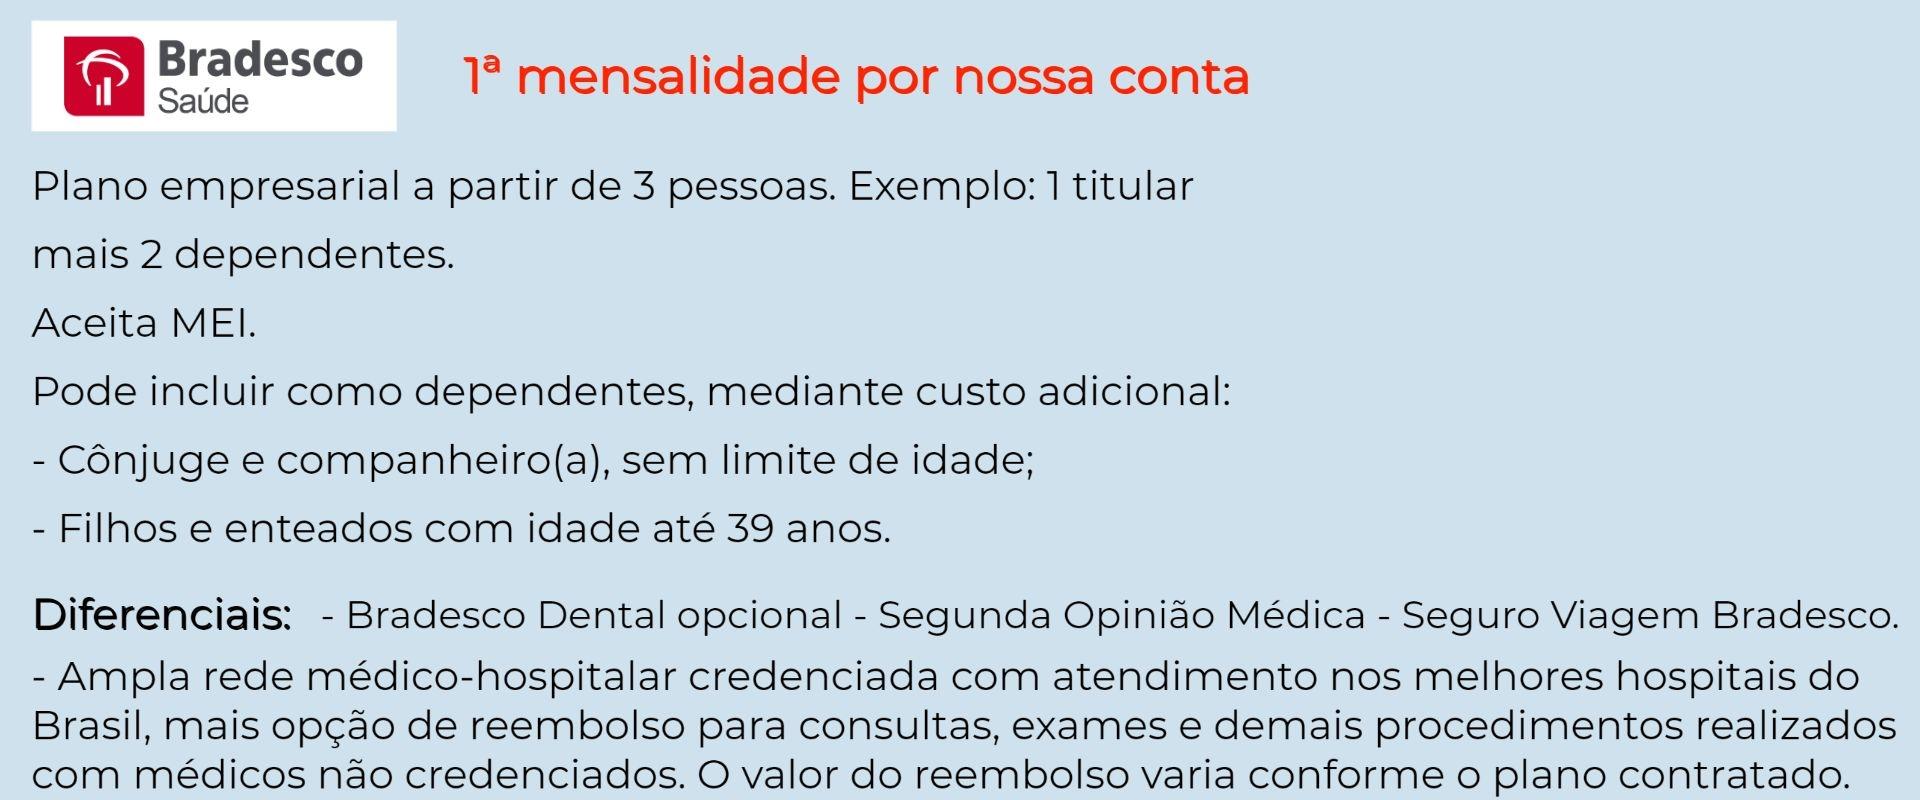 Bradesco Saúde Empresarial - Poá